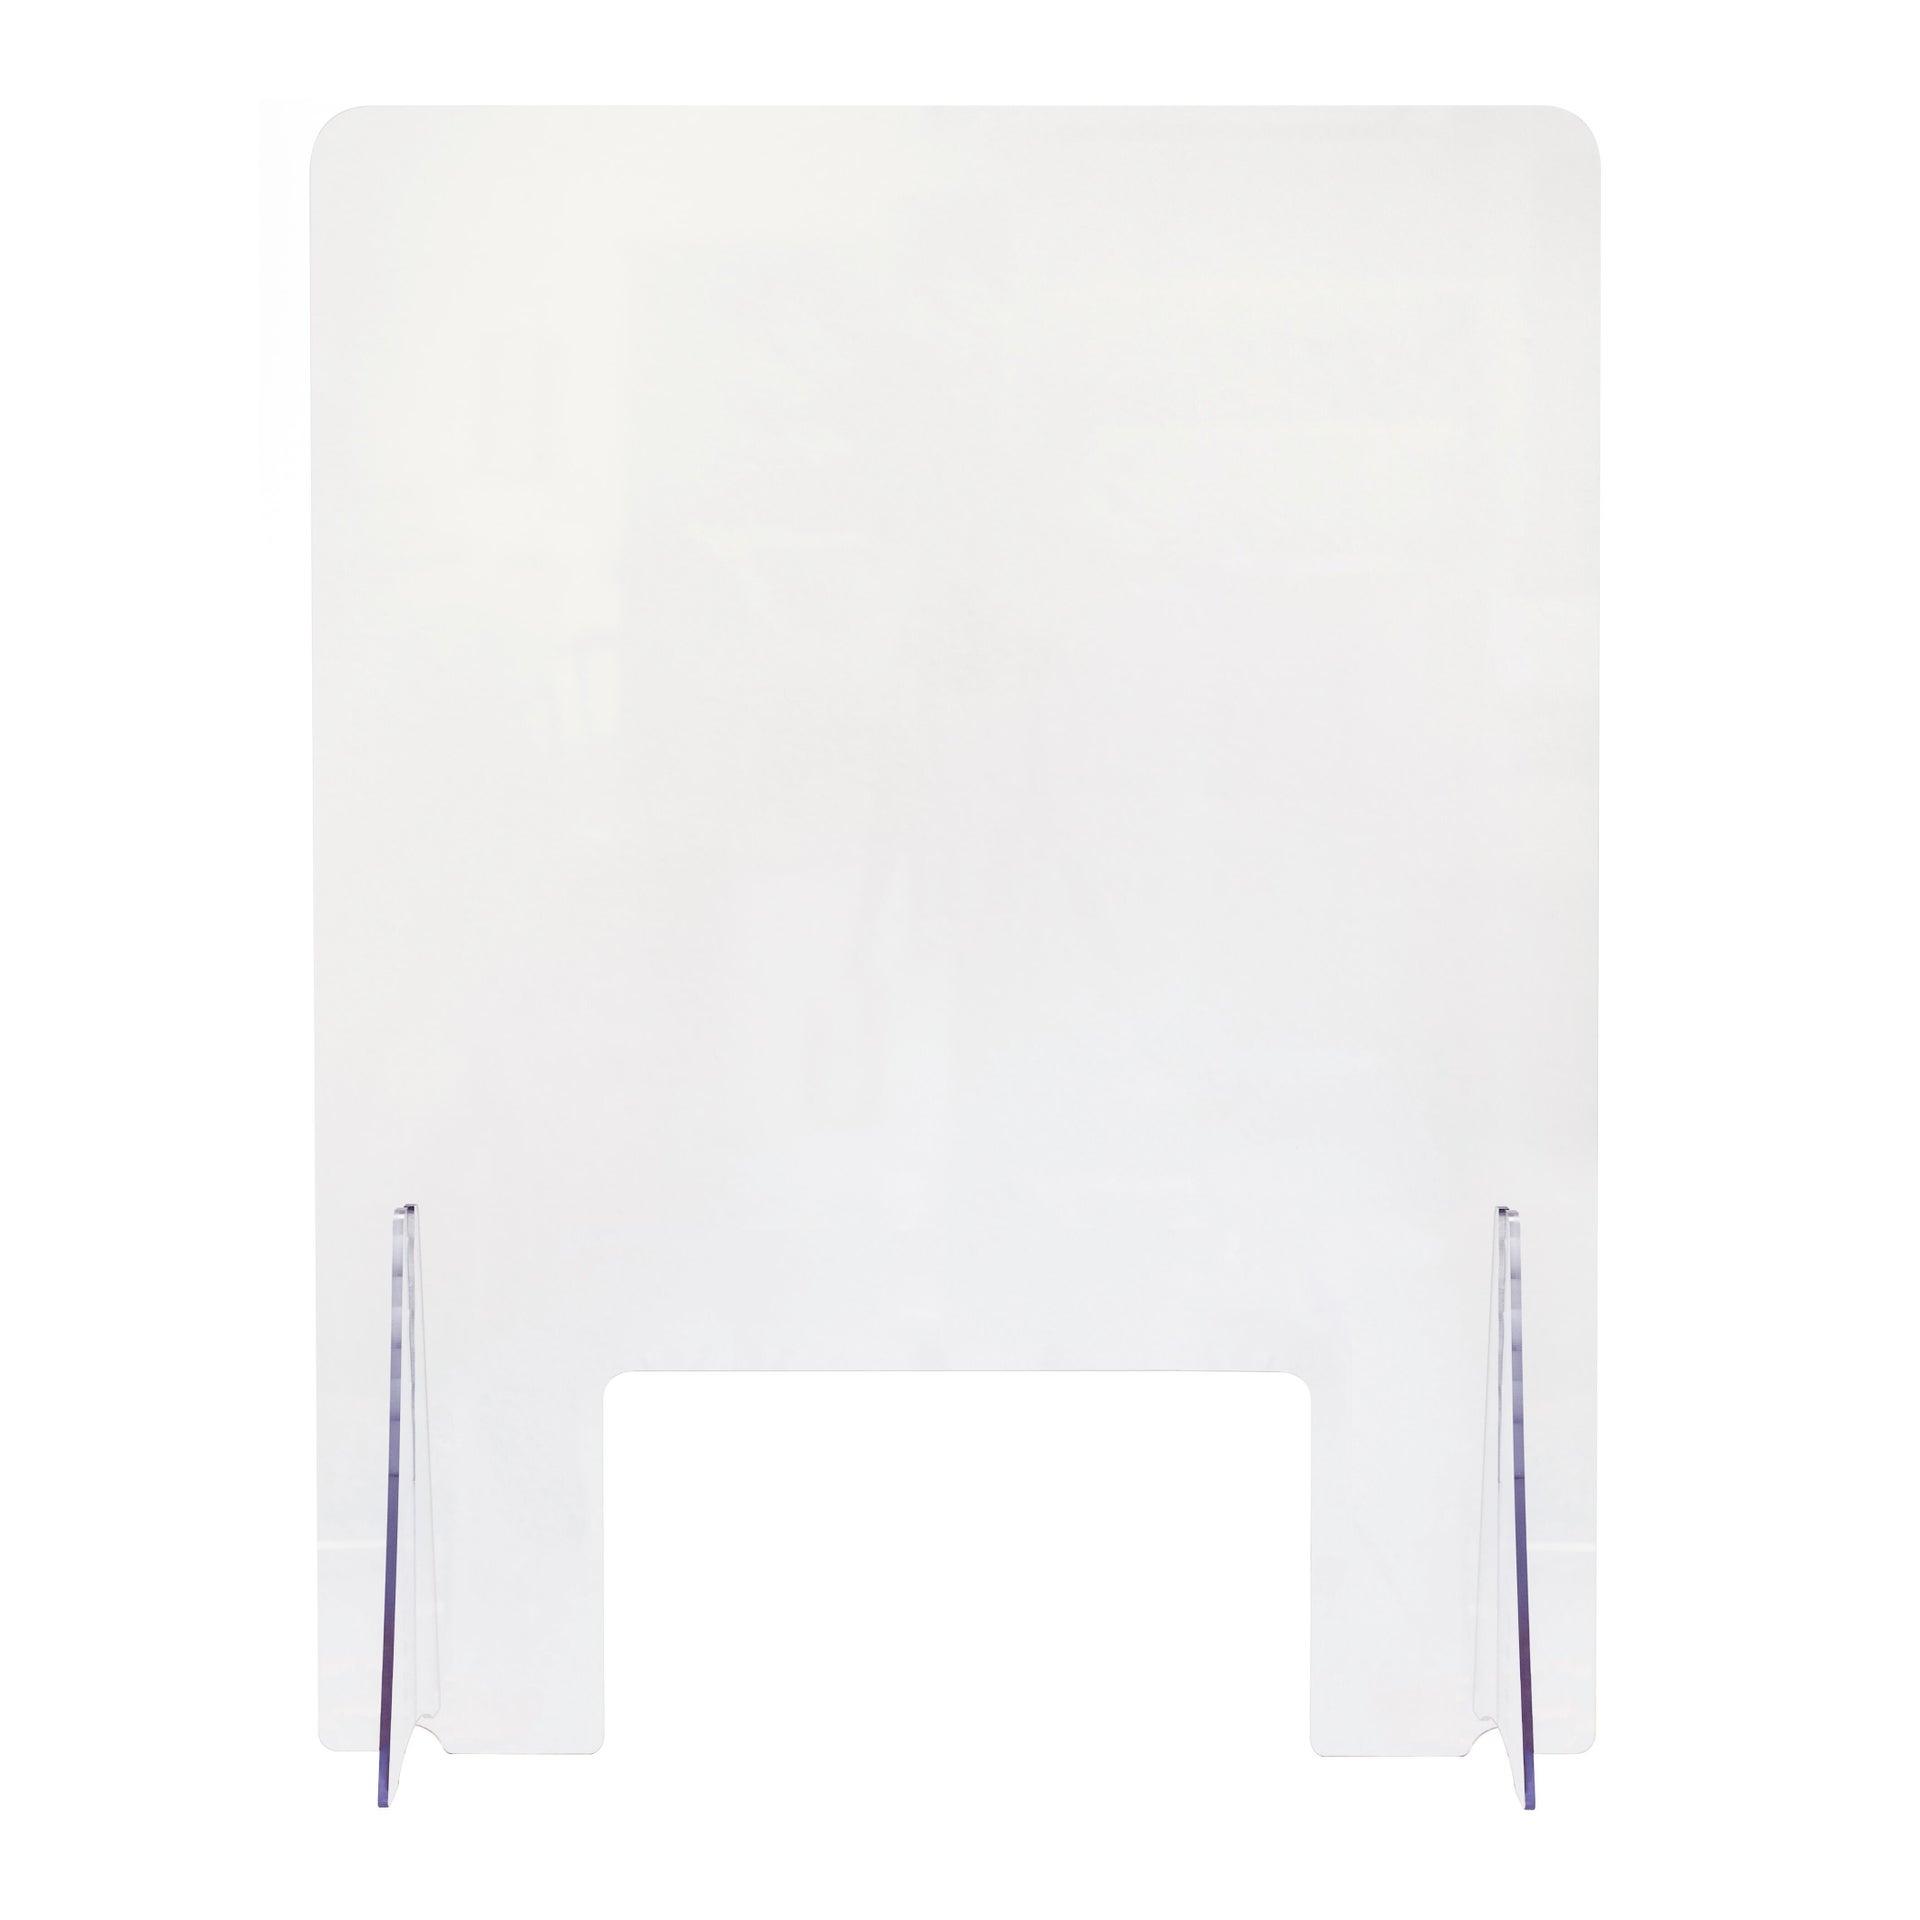 Schermo di protezione acrilico trasparente 80 cm x 80 cm, Sp 0.5 mm - 2